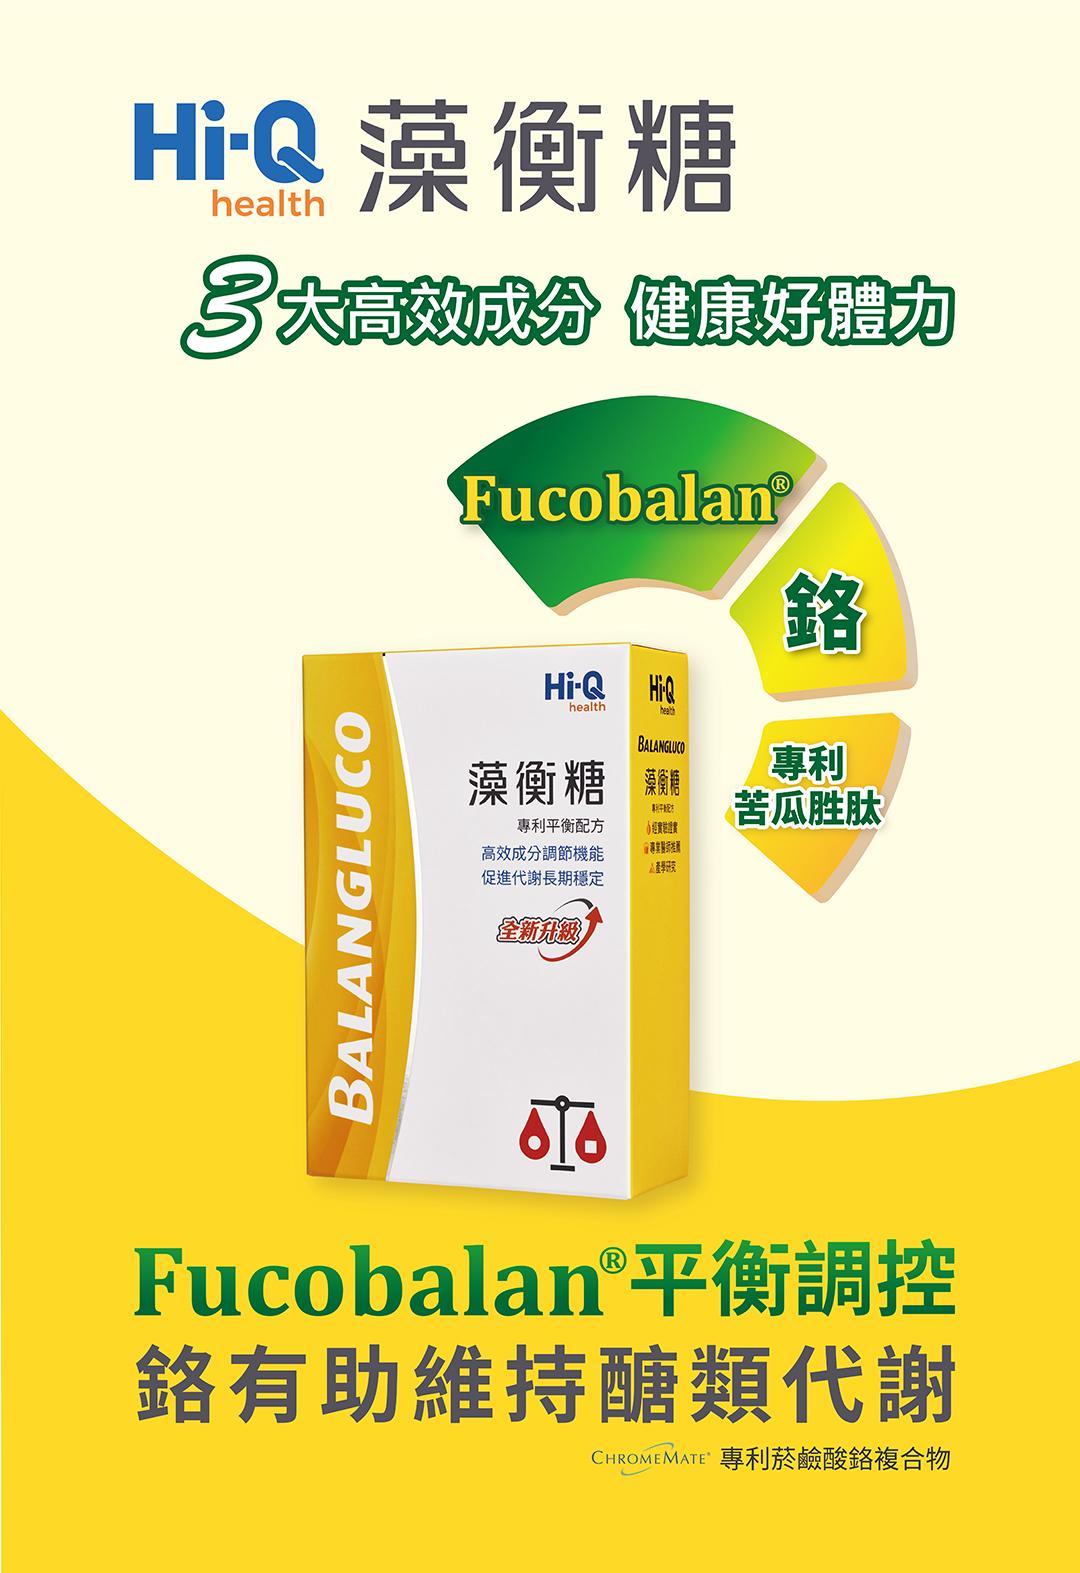 藻衡糖買3送1 高穩定藻褐素有效改善糖尿病加強預防降低副作用 中華海洋生技公司貨 健康優先 0800-800-924